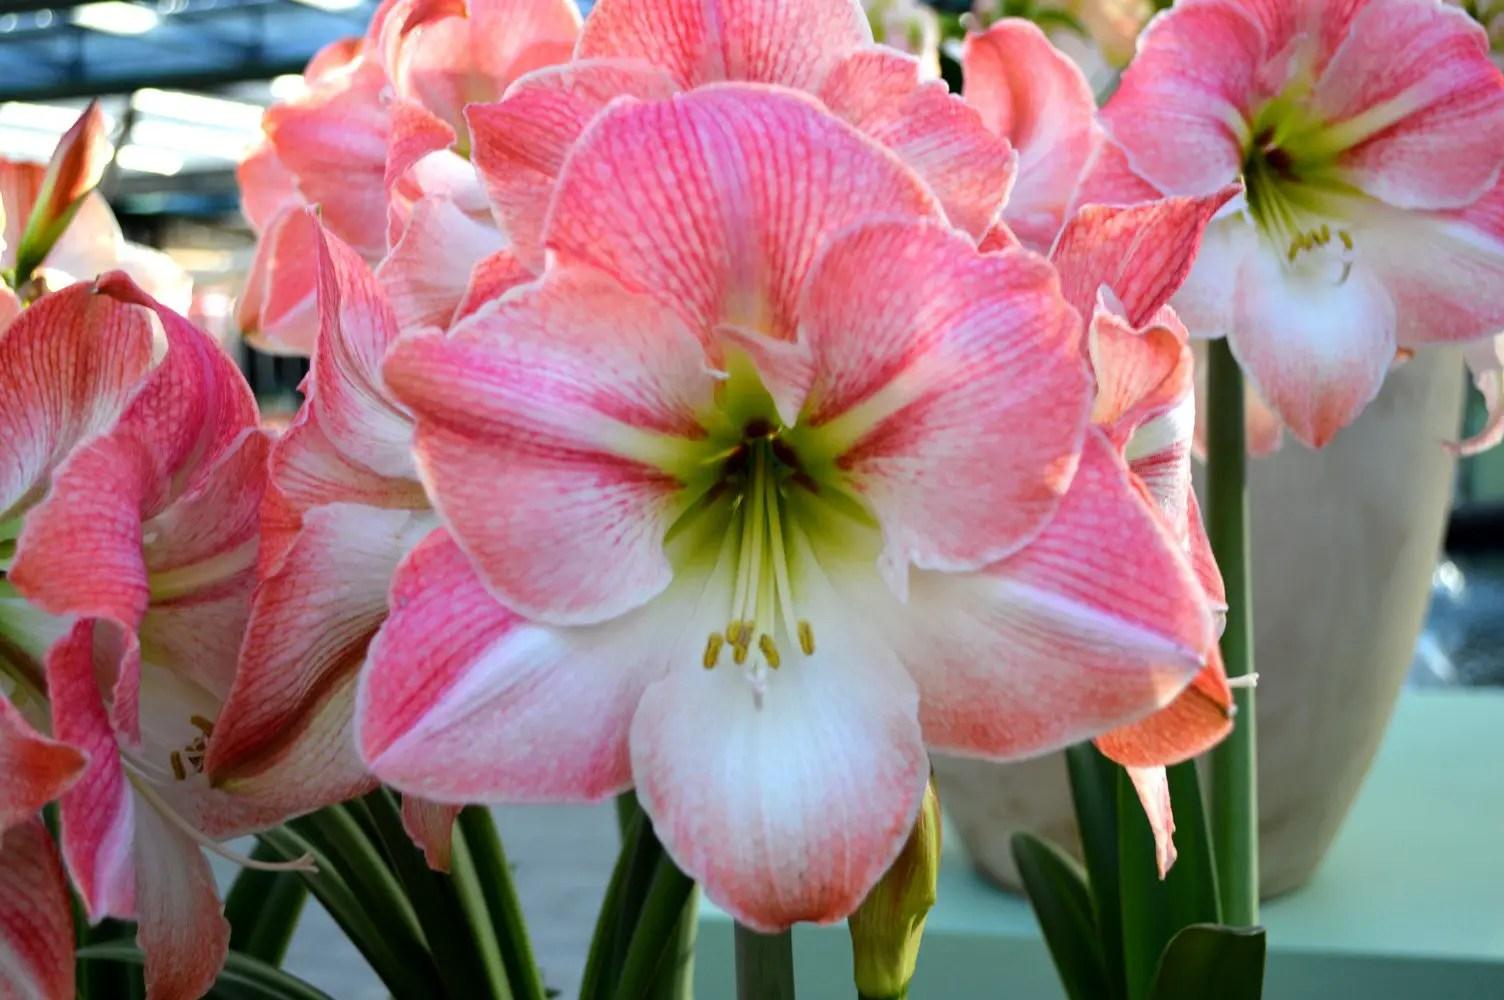 Amaryllis apple flower